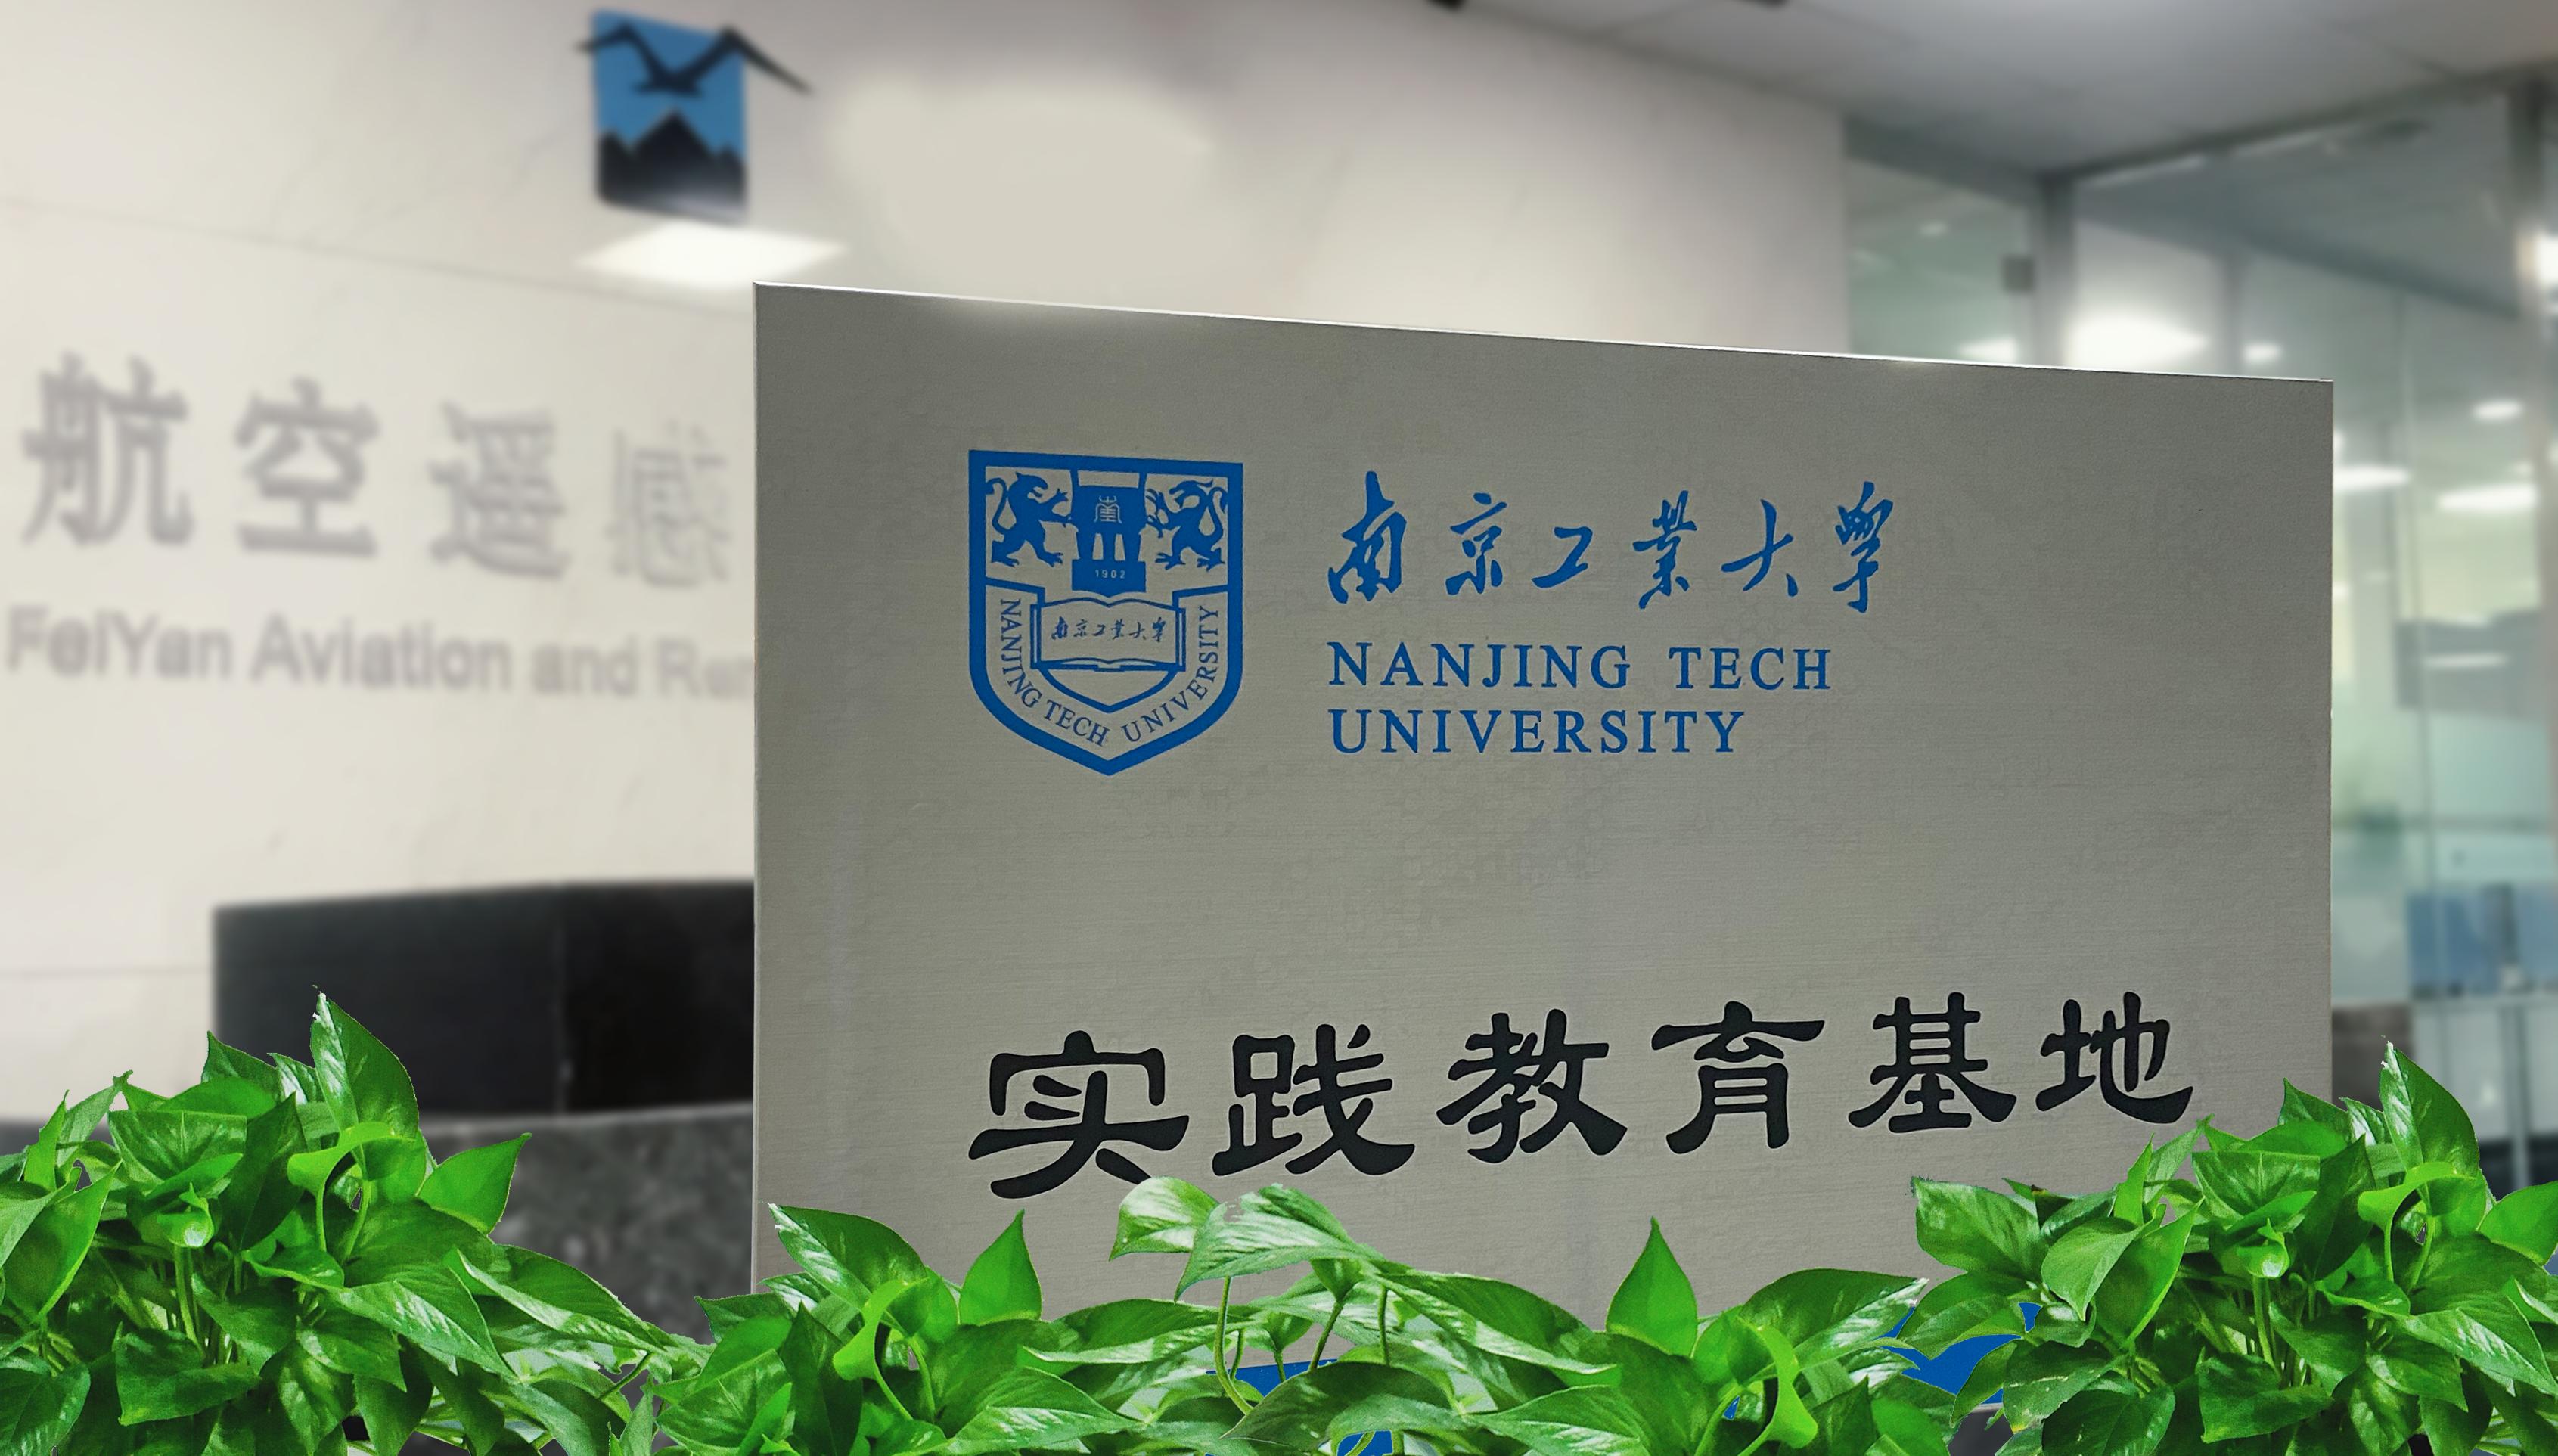 校企合作丨南京工业大学携手飞燕遥感共建实践教育基地 解锁校企合作新模式